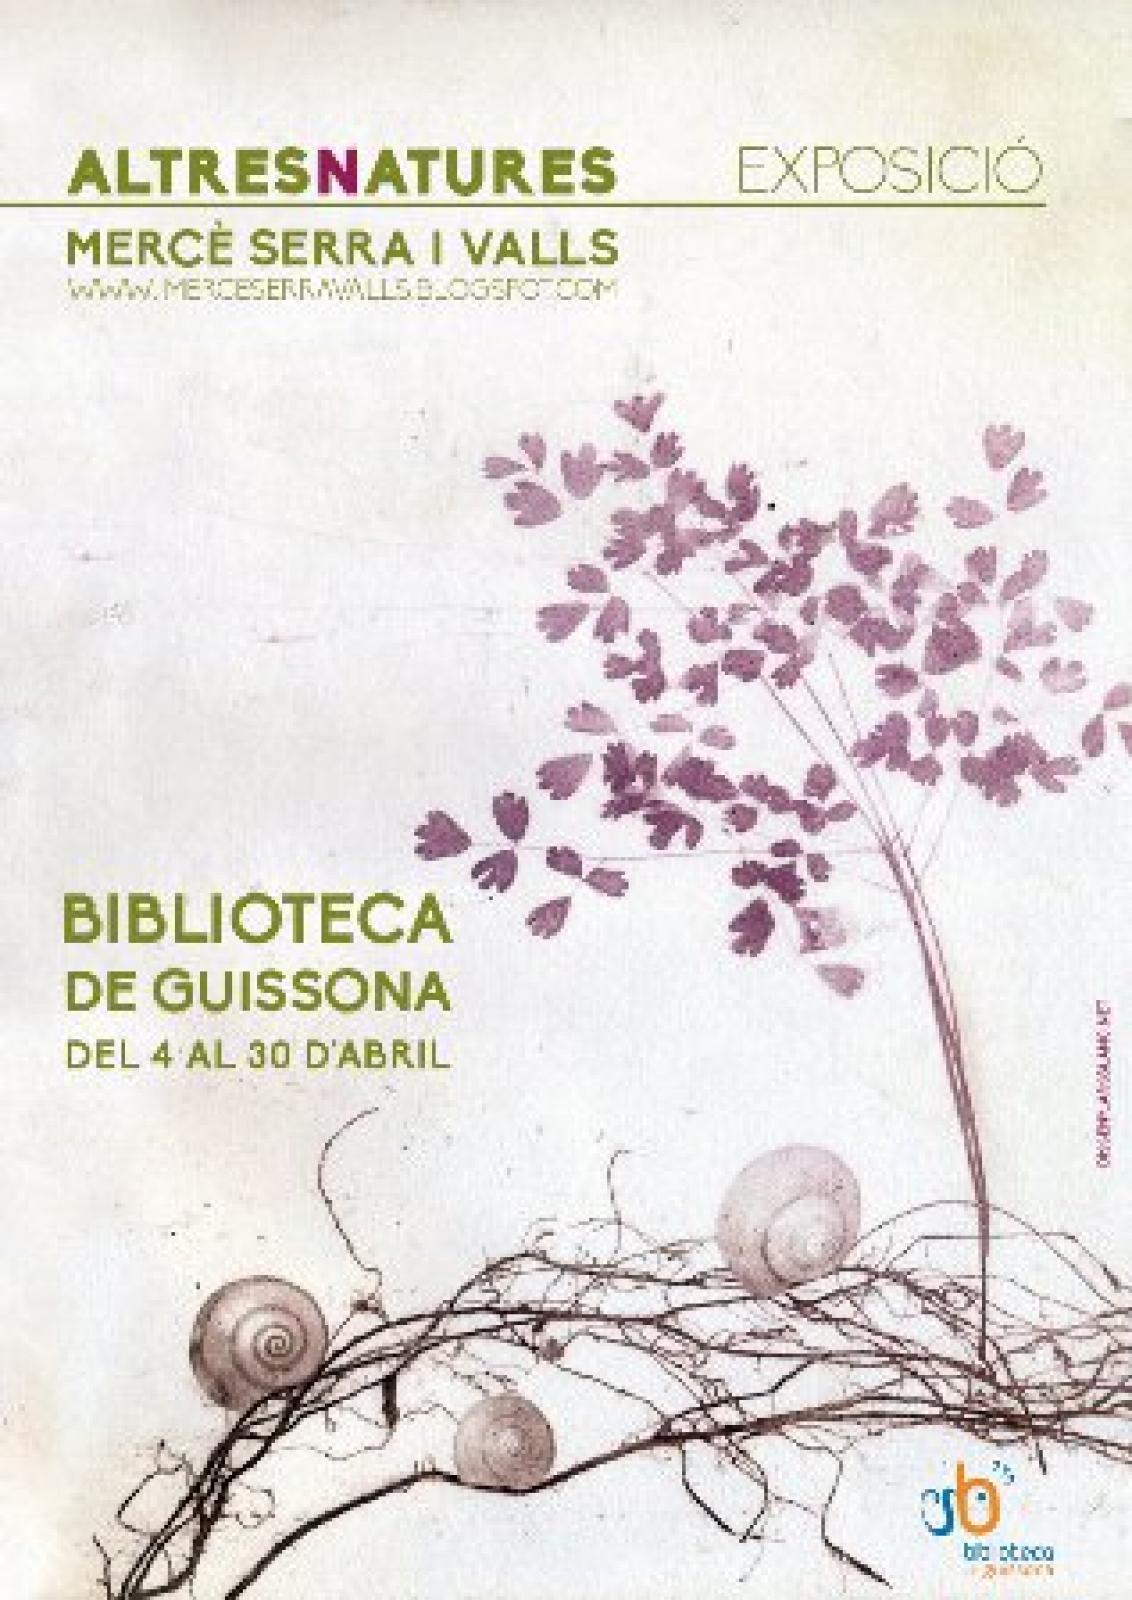 cartell Exposició 'Altres natures'